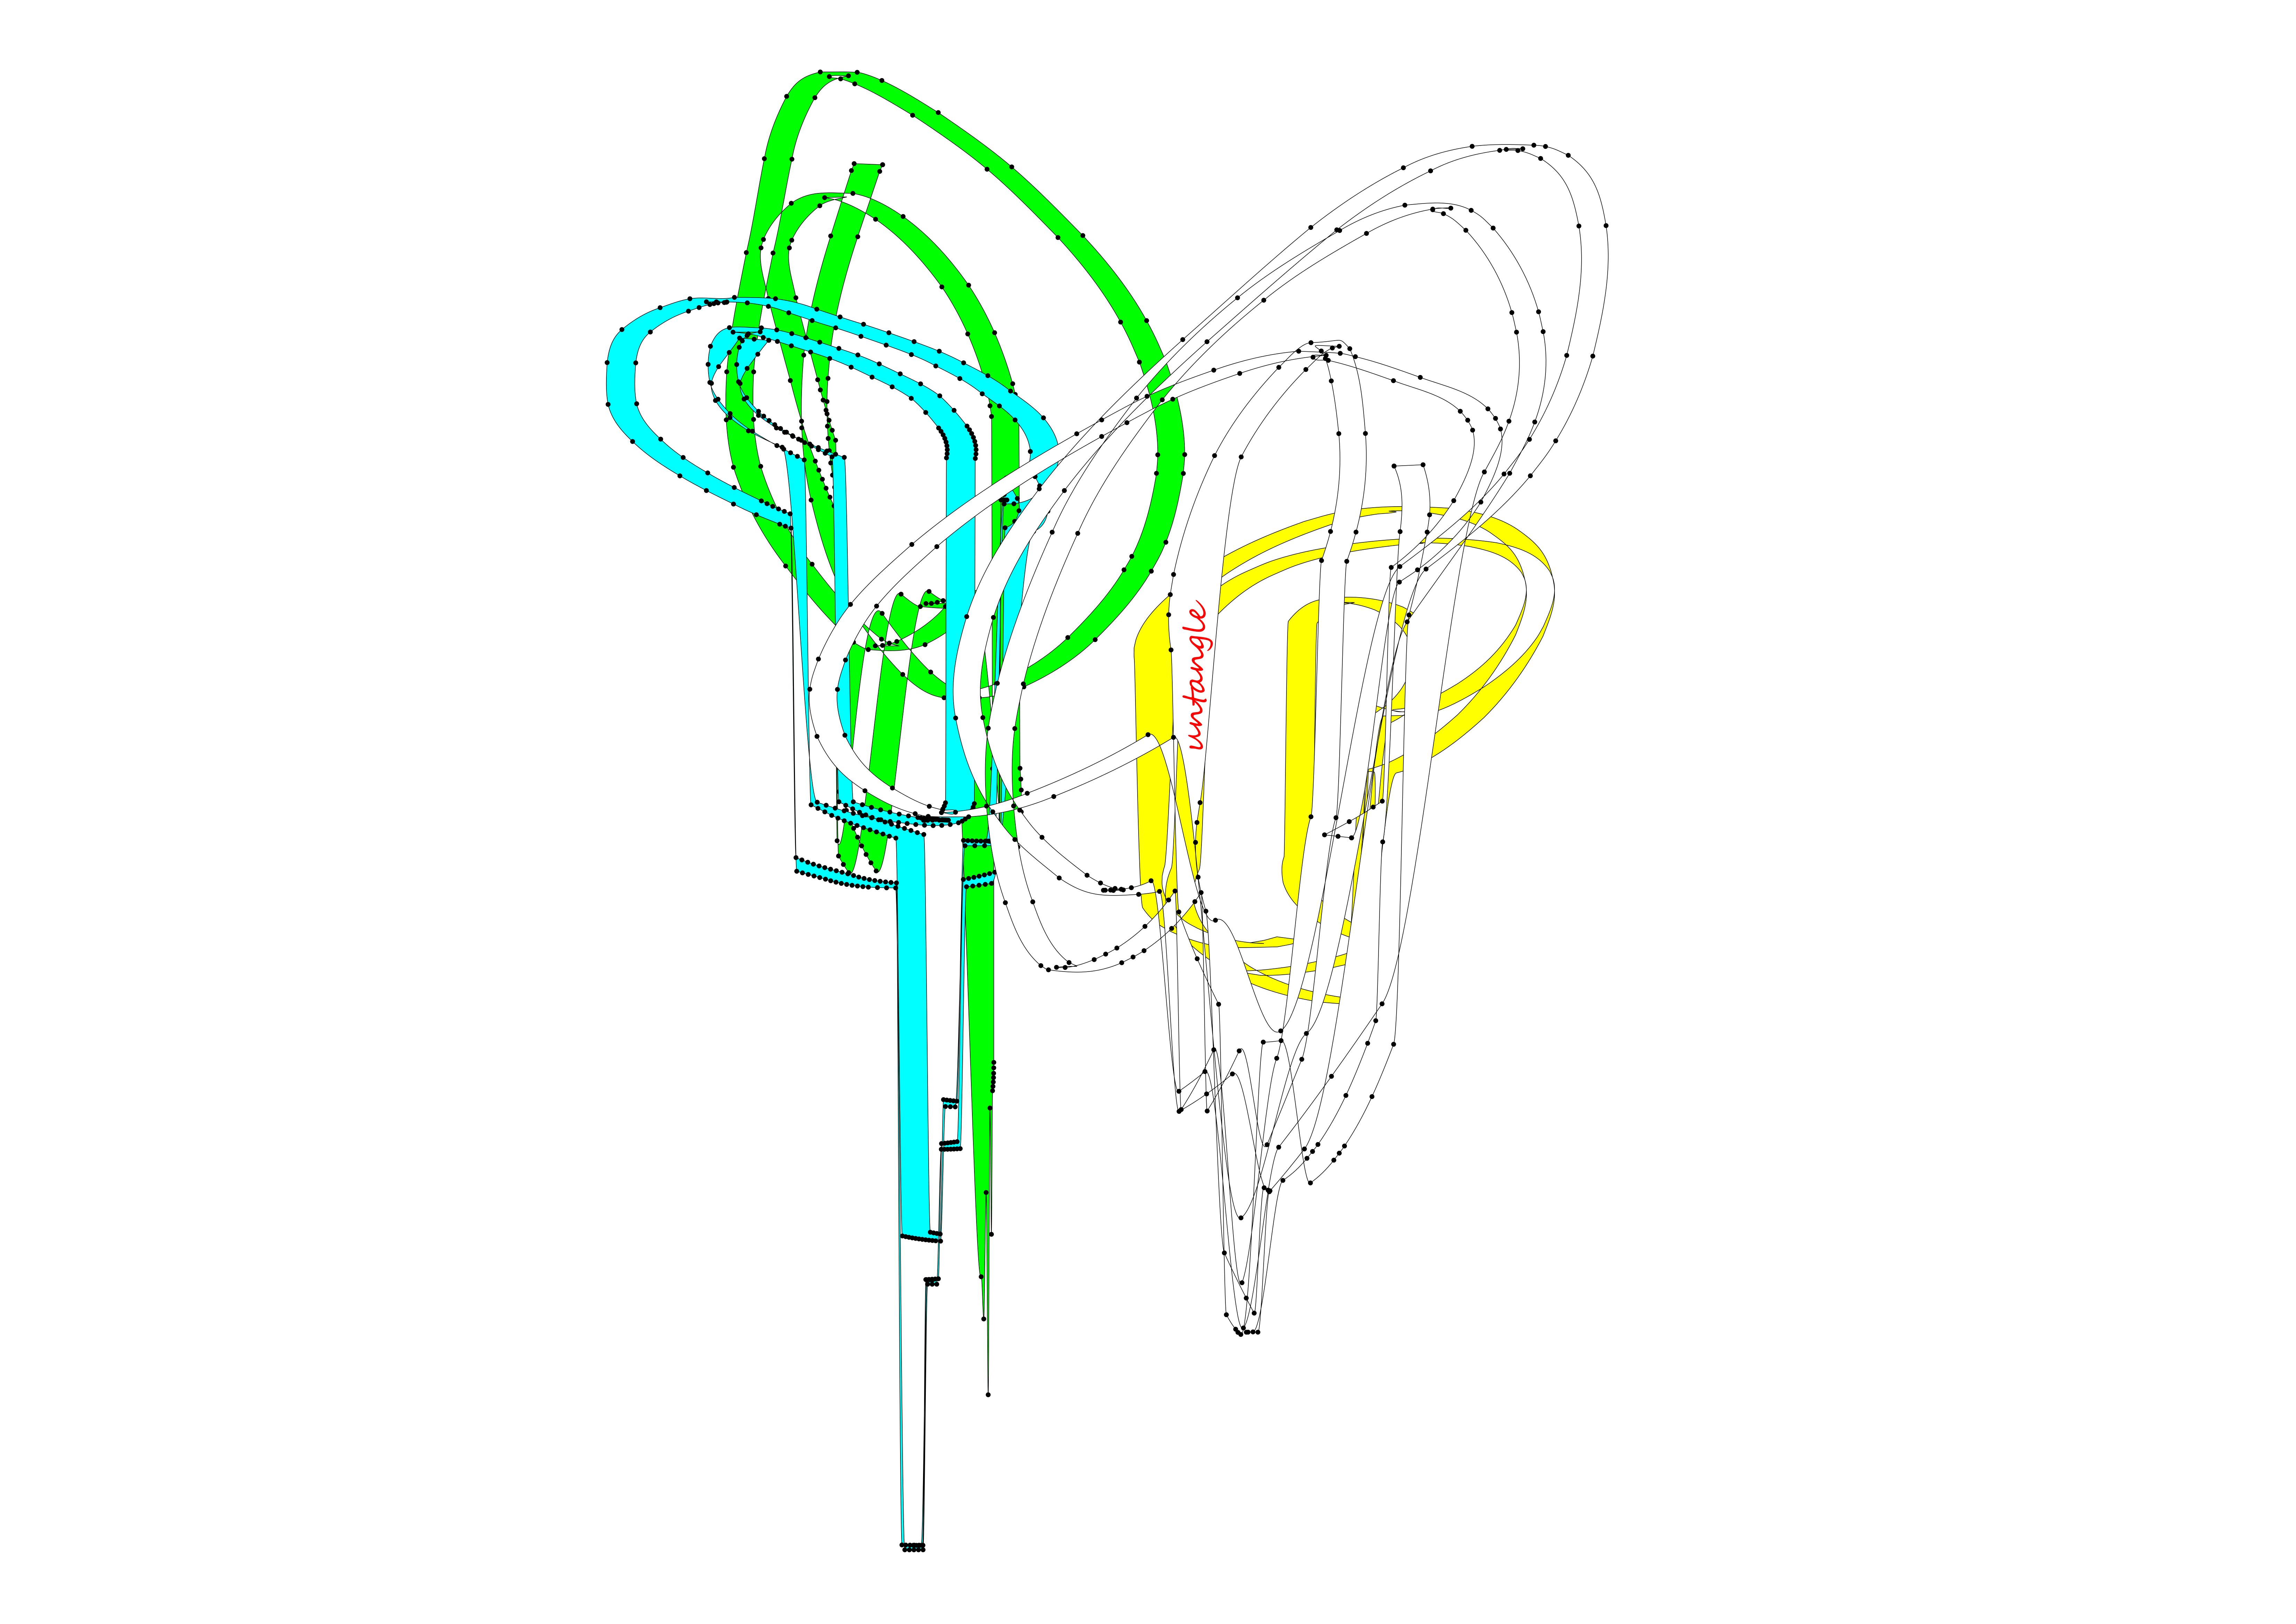 DE drawing #017